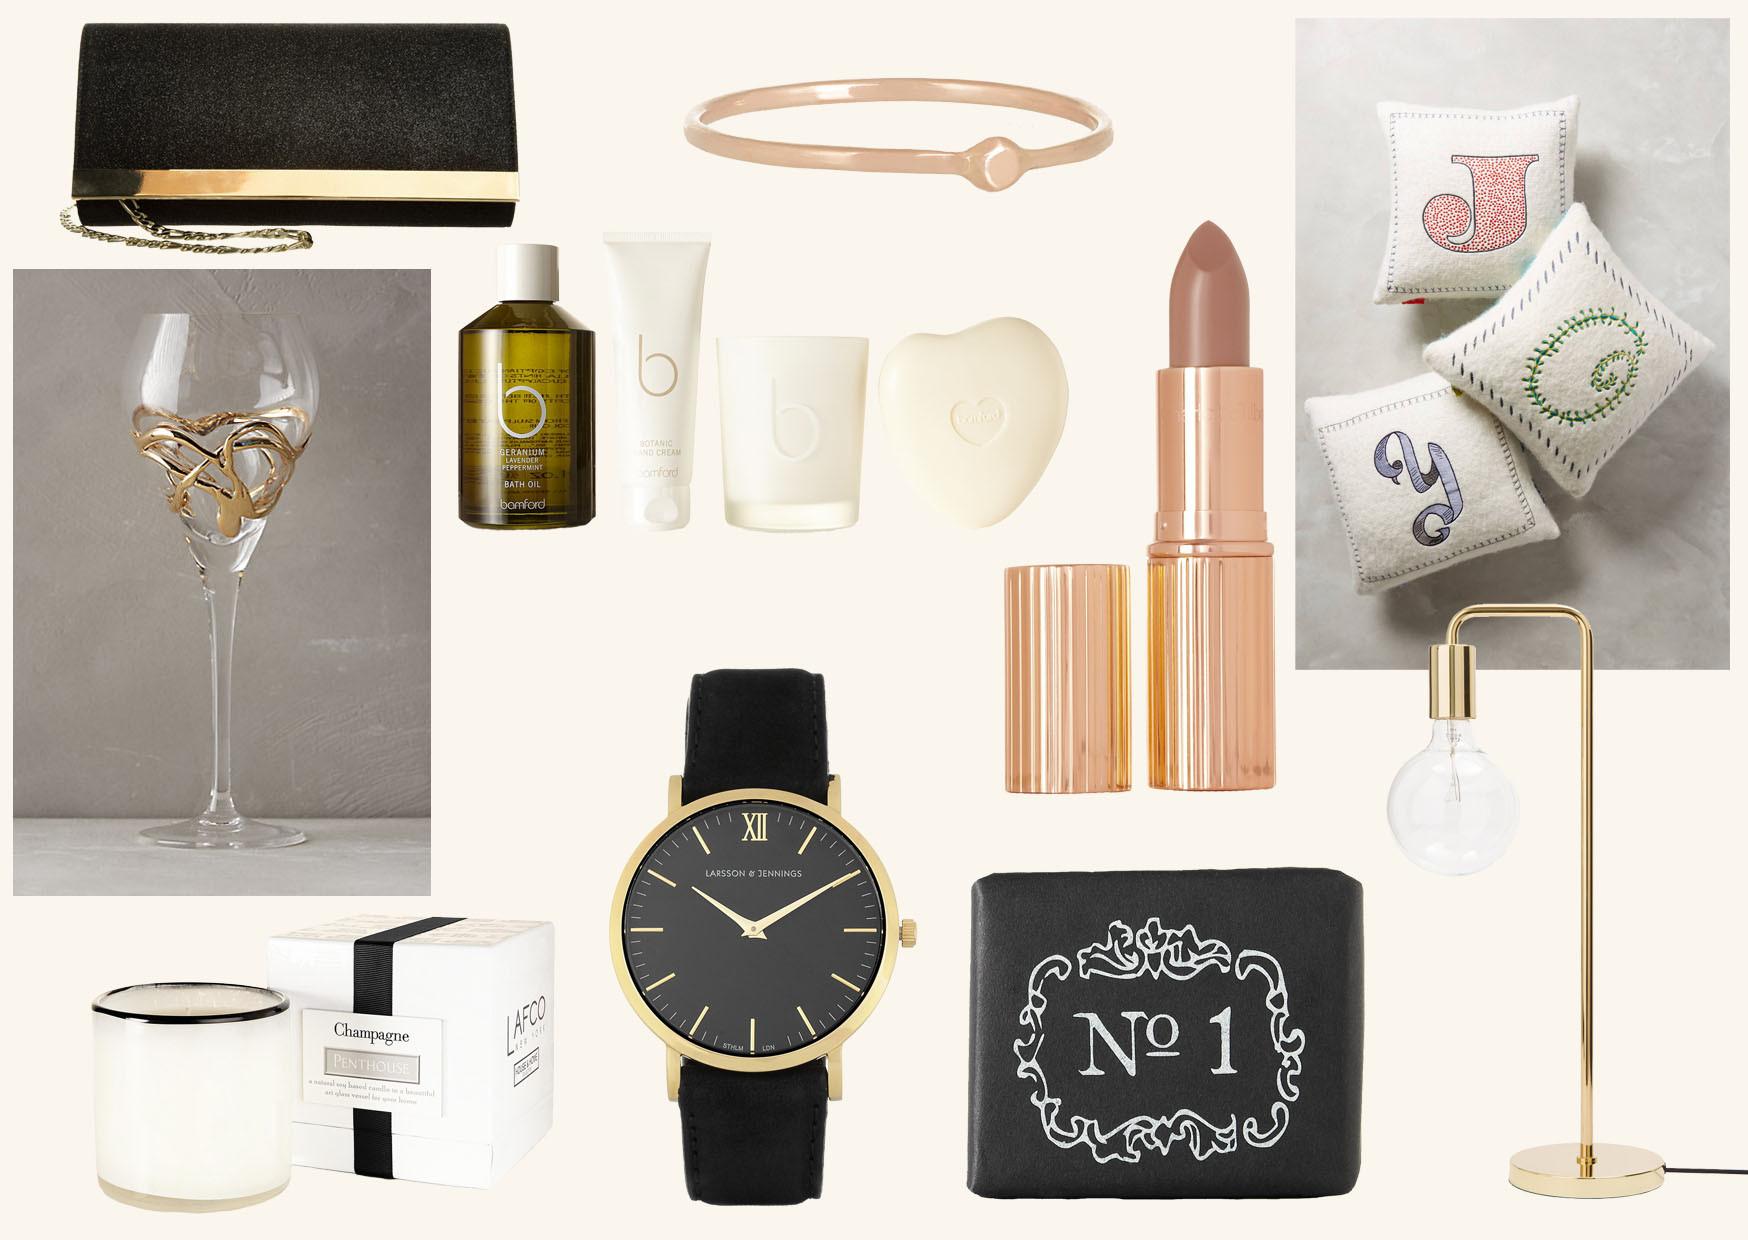 Geschenkideen Mutter Weihnachten  April 1 2018 – Beliebte Geschenke für Ihre Lieben 2018